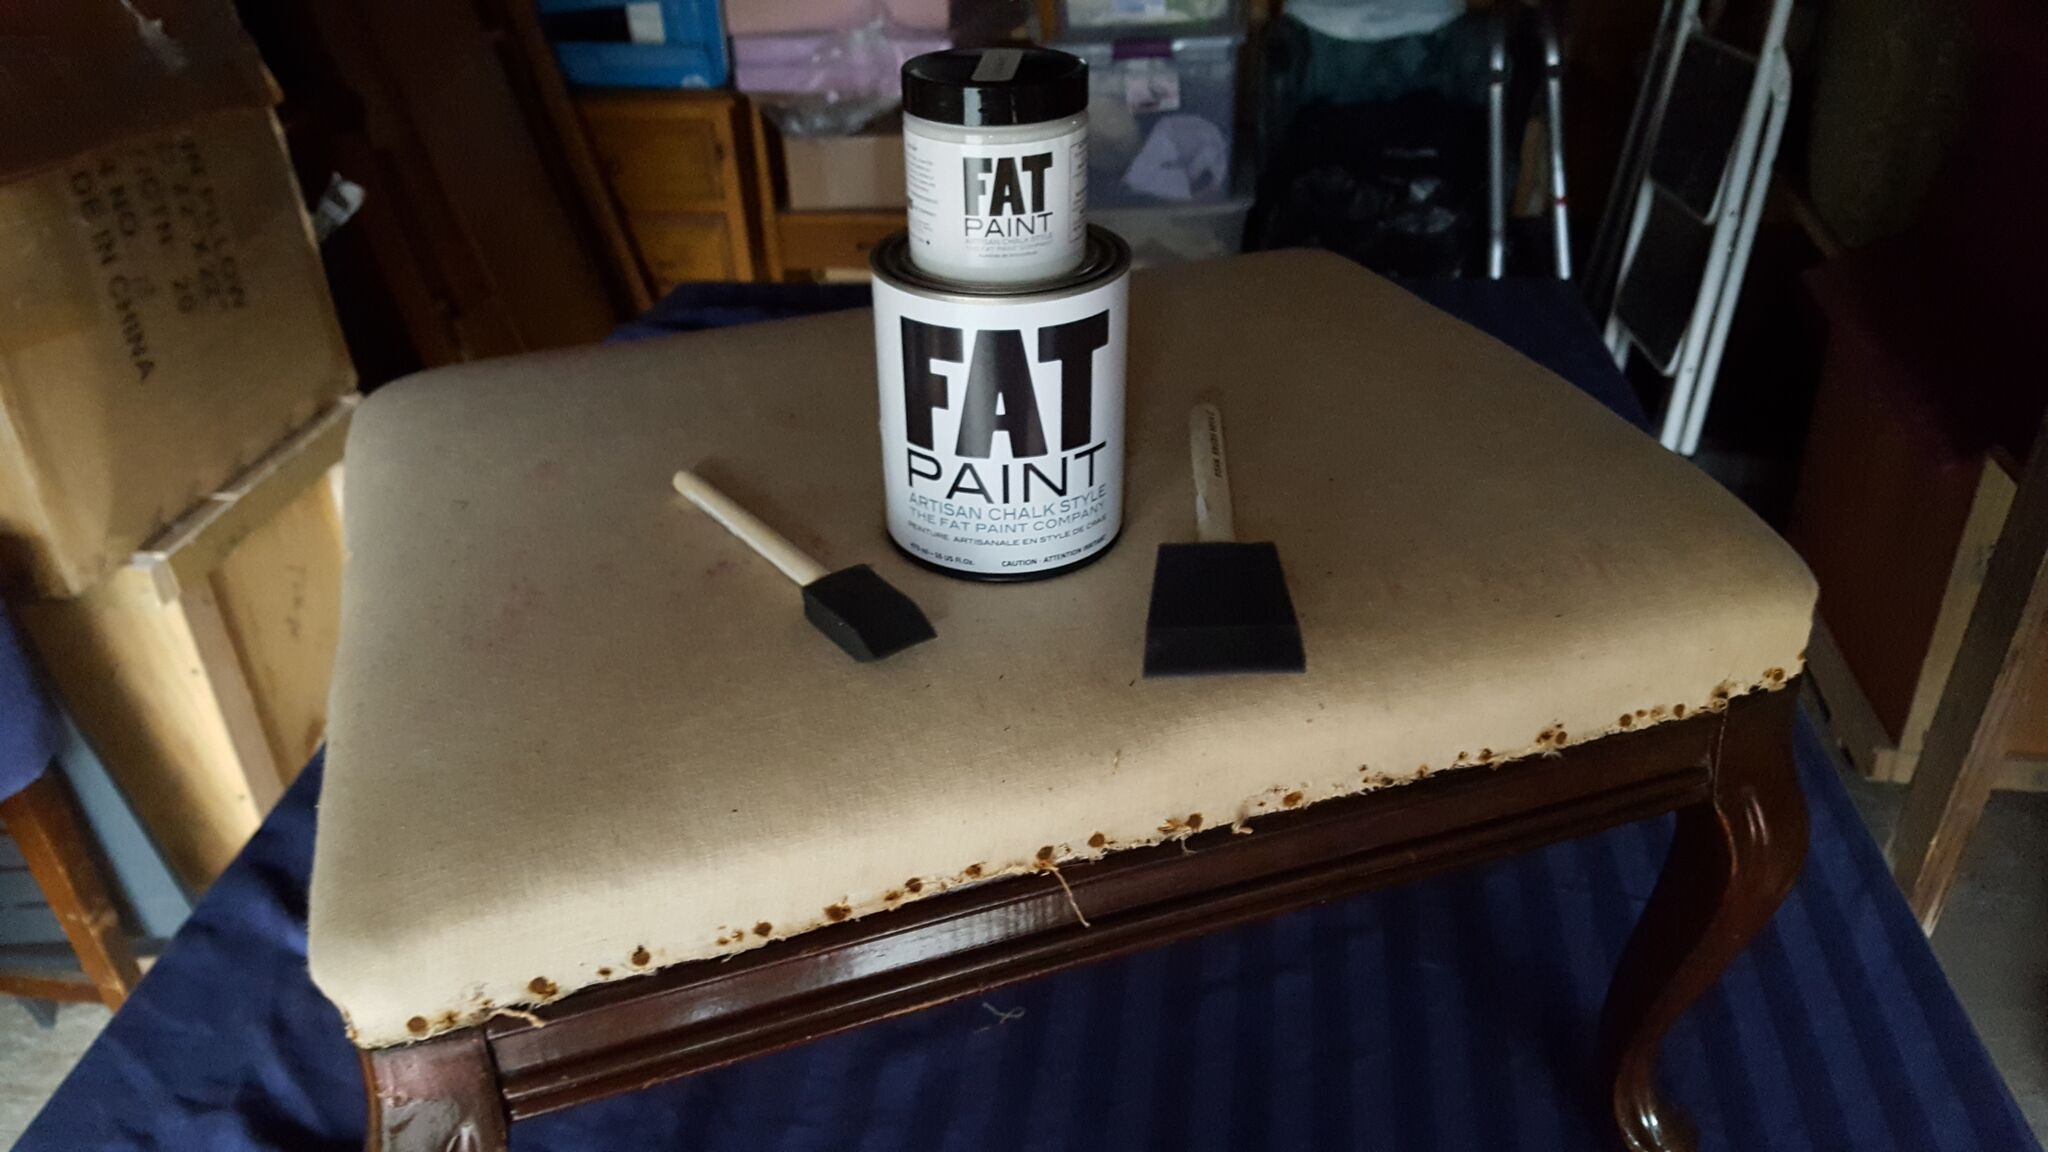 FAT paint - color Pewter